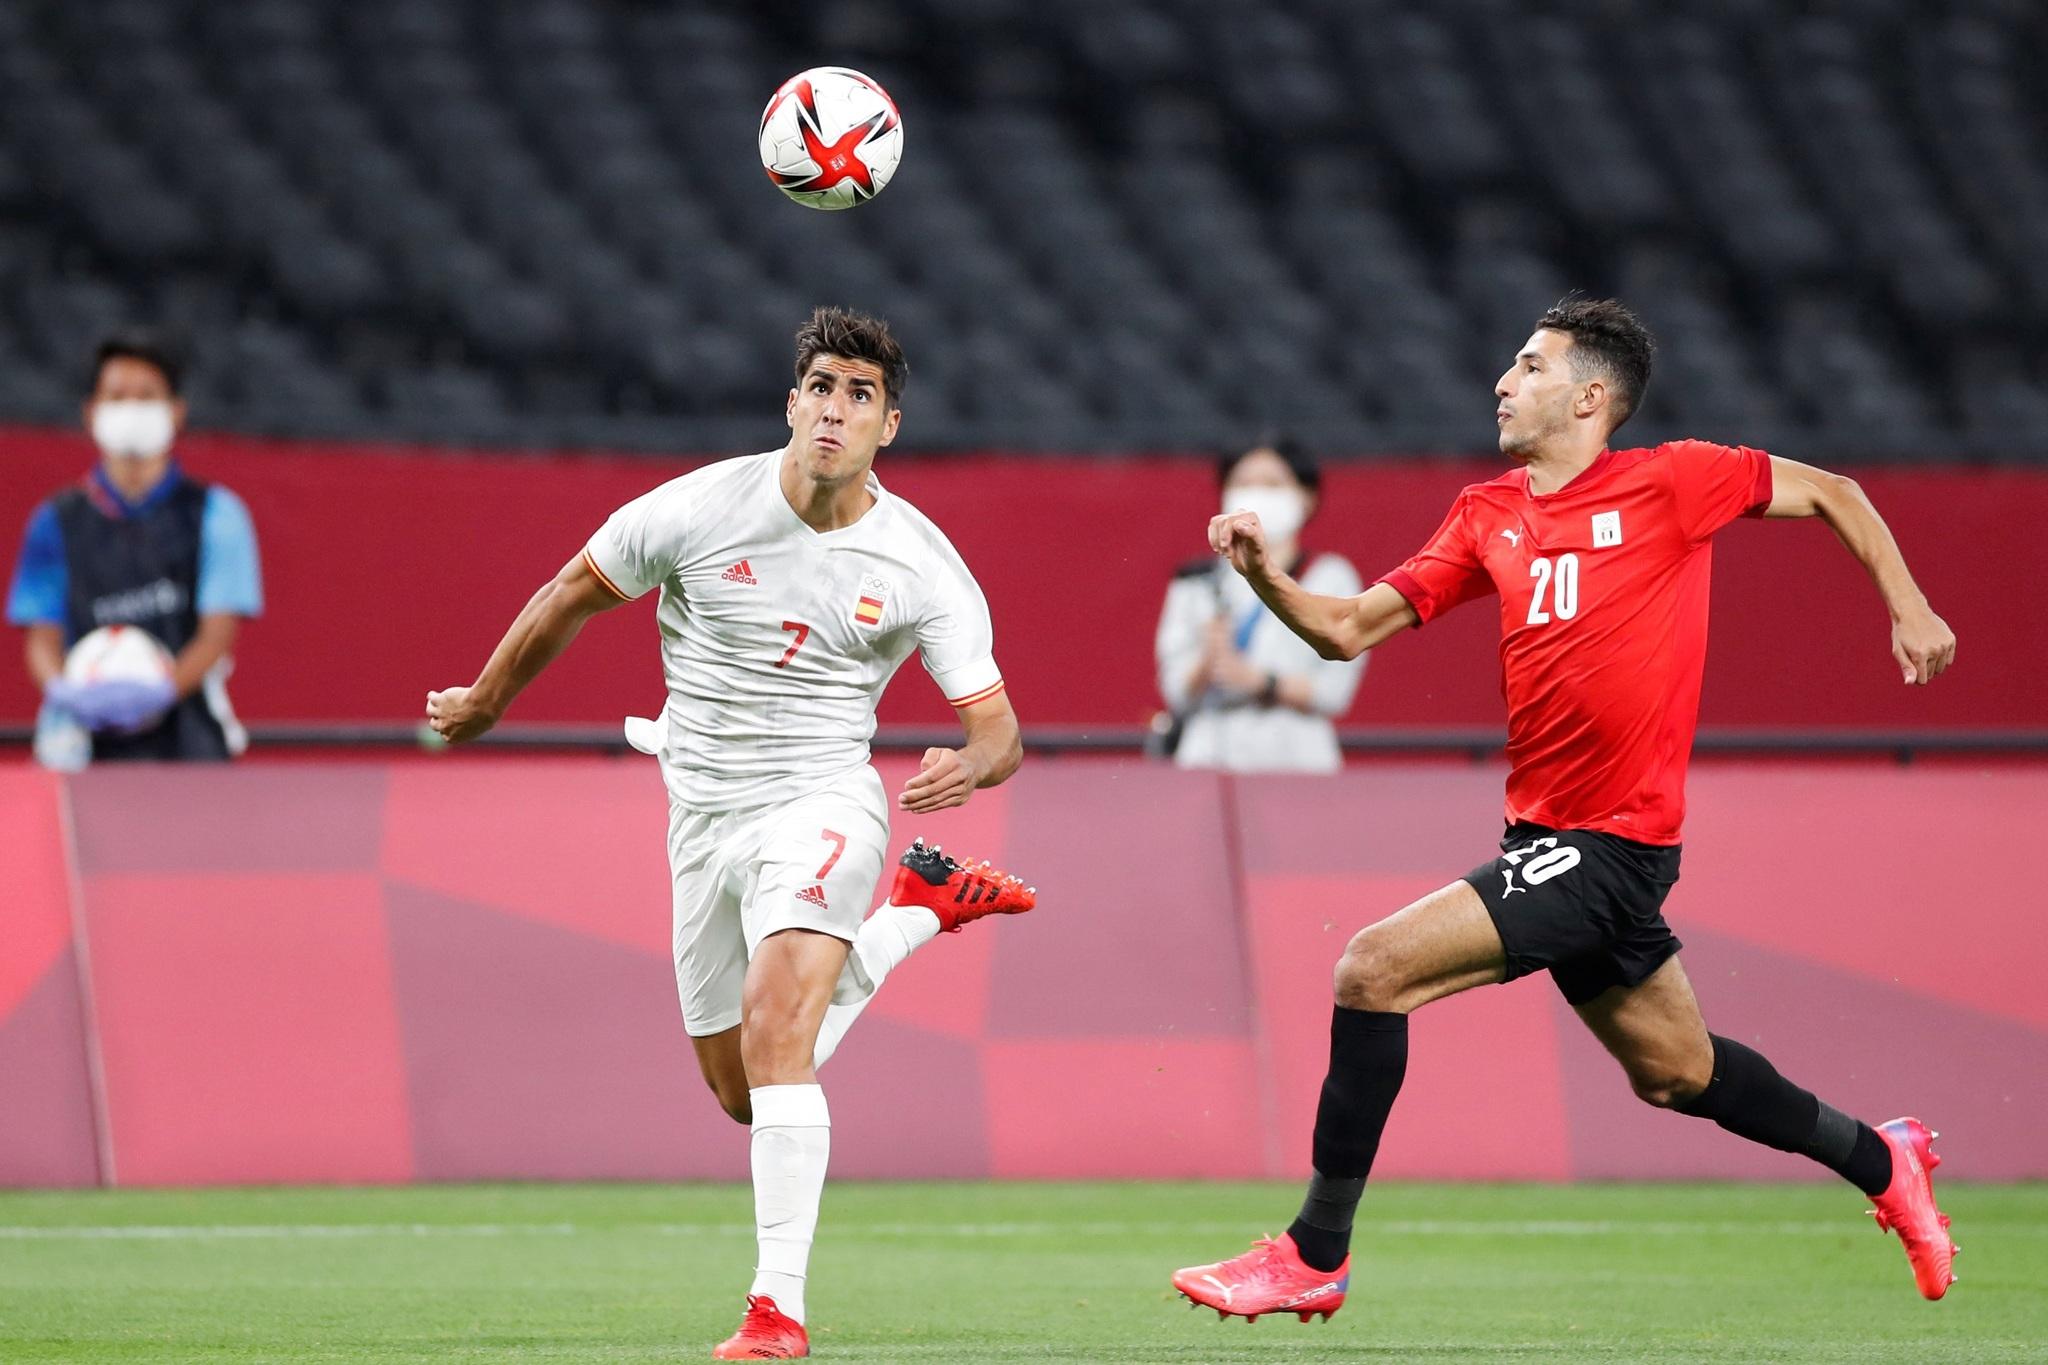 EVE343. SAPPORO (JAPÓN), 22/07/2021.- El centrocampista de la <HIT>selección</HIT><HIT>española</HIT> Marco Asensio (i) controla el balón ante el centrocampista egipcio Ahmed Fotouh (d) durante el encuentro de las <HIT>selecciones</HIT><HIT>olímpicas</HIT> de España y Egipto, perteneciente al grupo C de los Juegos <HIT>Olímpicos</HIT> de 2020, en el estadio Hokkaido Consadole Sapporo, en Sapporo, Japón. EFE/ RFEF/ Morenatti SOLO USO EDITORIAL/ SOLO USO DISPONIBLE PARA ILUSTRAR LA FOTOGRAFÍA QUE ACOMPAÑA/ (CRÉDITO OBLIGATORIO)